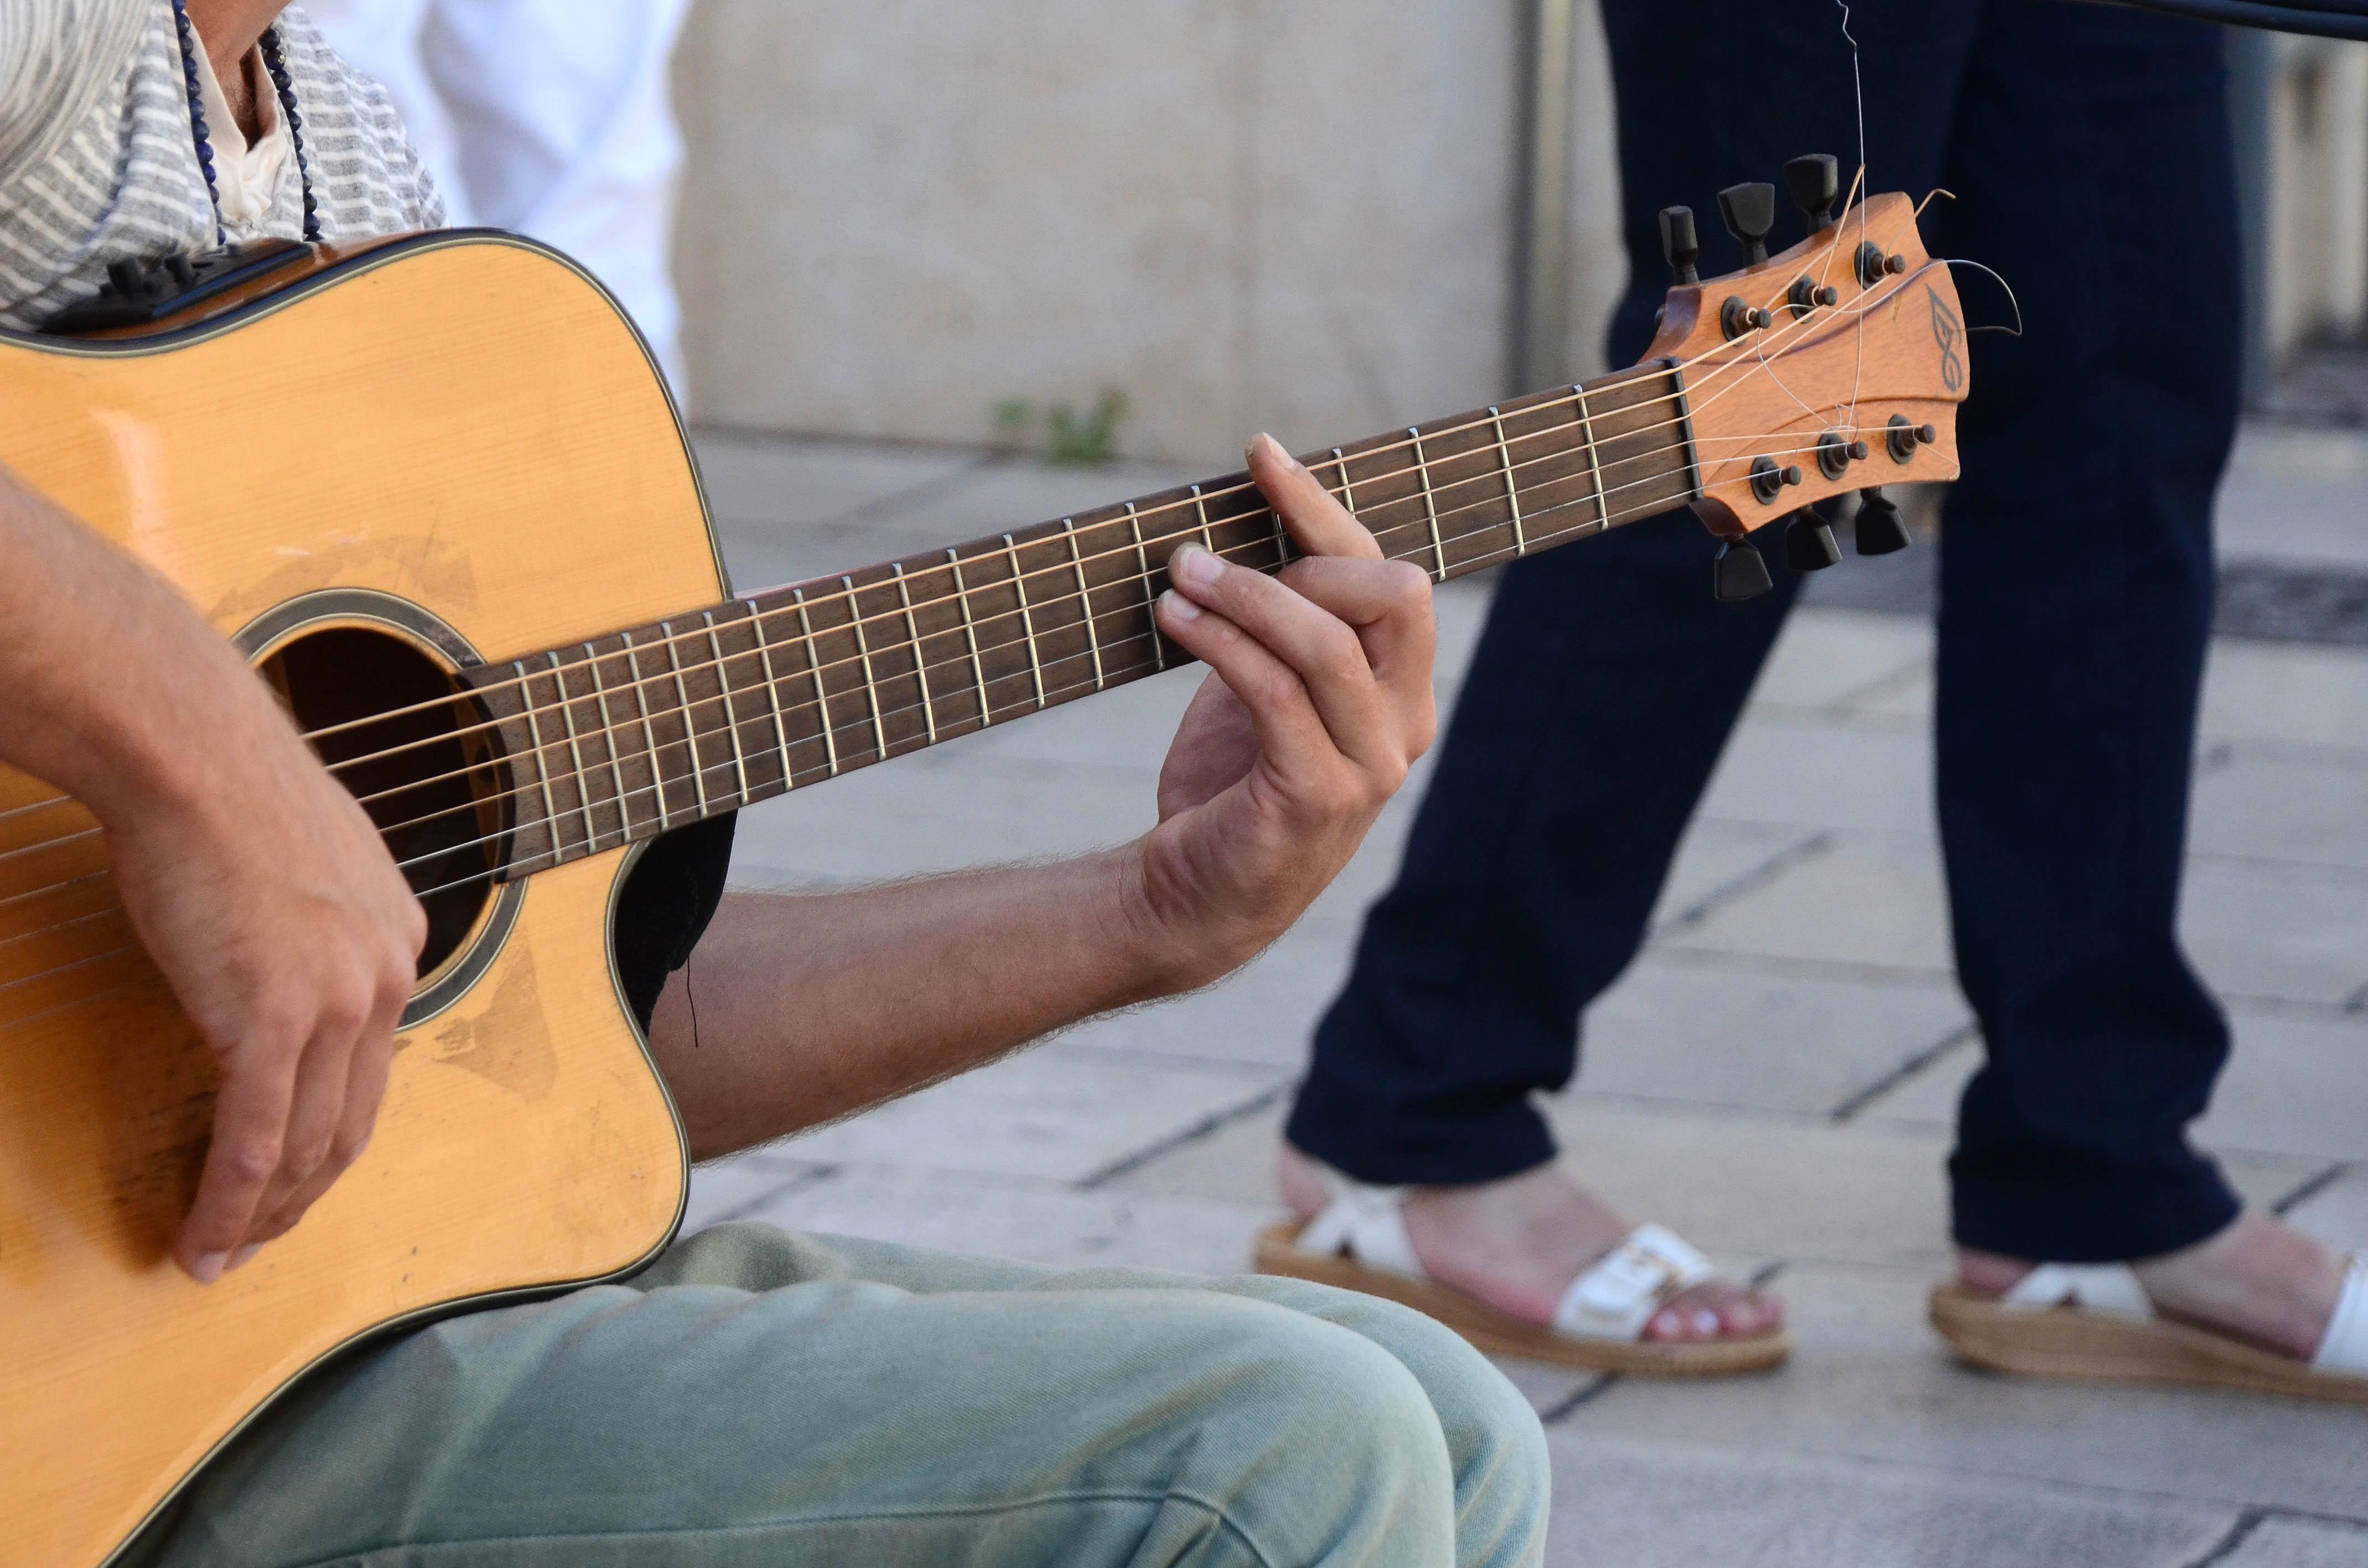 Foto pemain gitar terhebat